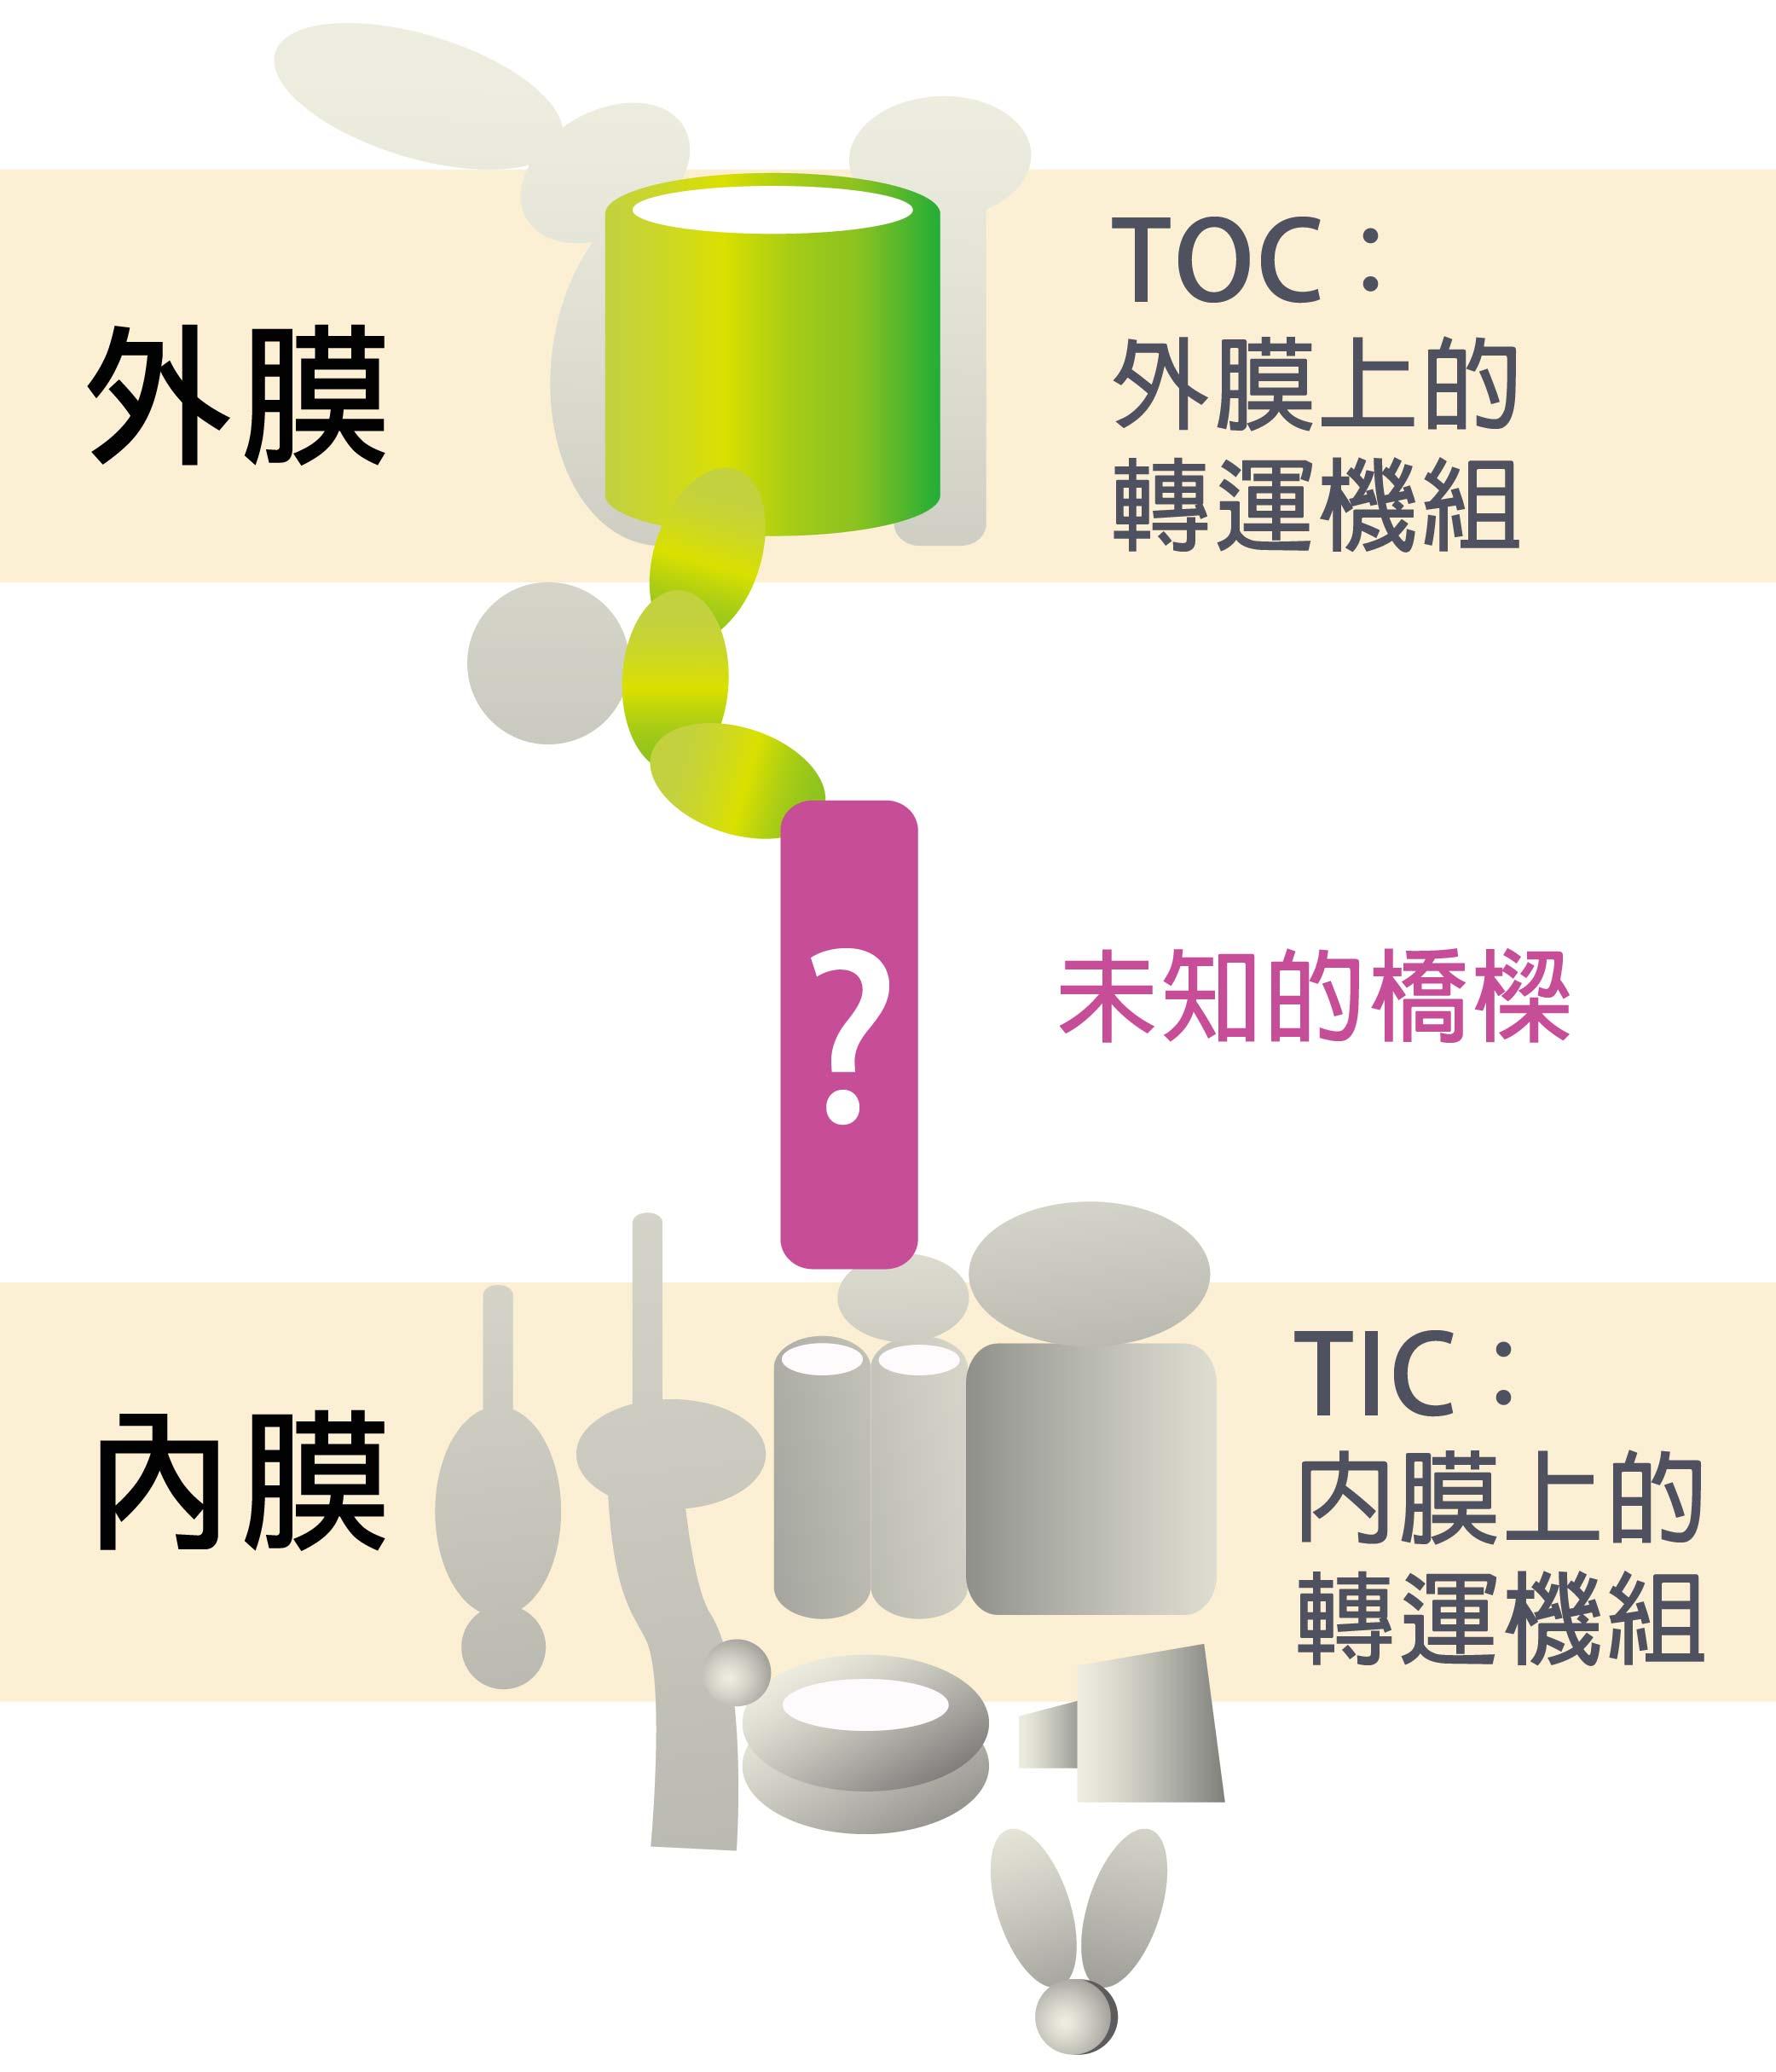 過去科學家已經找到內、外膜上的轉運機組的許多成員,實驗上也證實兩機組應該是相連。怎麼證實的?科學家從豌豆苗分離出葉綠體,利用和膜上機組成員對應的抗體,將膜上的機組成員拉下來,看看能不能把內外膜機組成員一起拉下來。李秀敏解釋:「用抗體從外膜拉,TOC和TIC會一起被拉下來,用抗體從內膜拉,兩者也一起被拉下來,所以知道彼此一定有一座橋相連。」然而科學家始終找不到那座相連的「橋」。圖│研之有物 (資料來源│李秀敏)